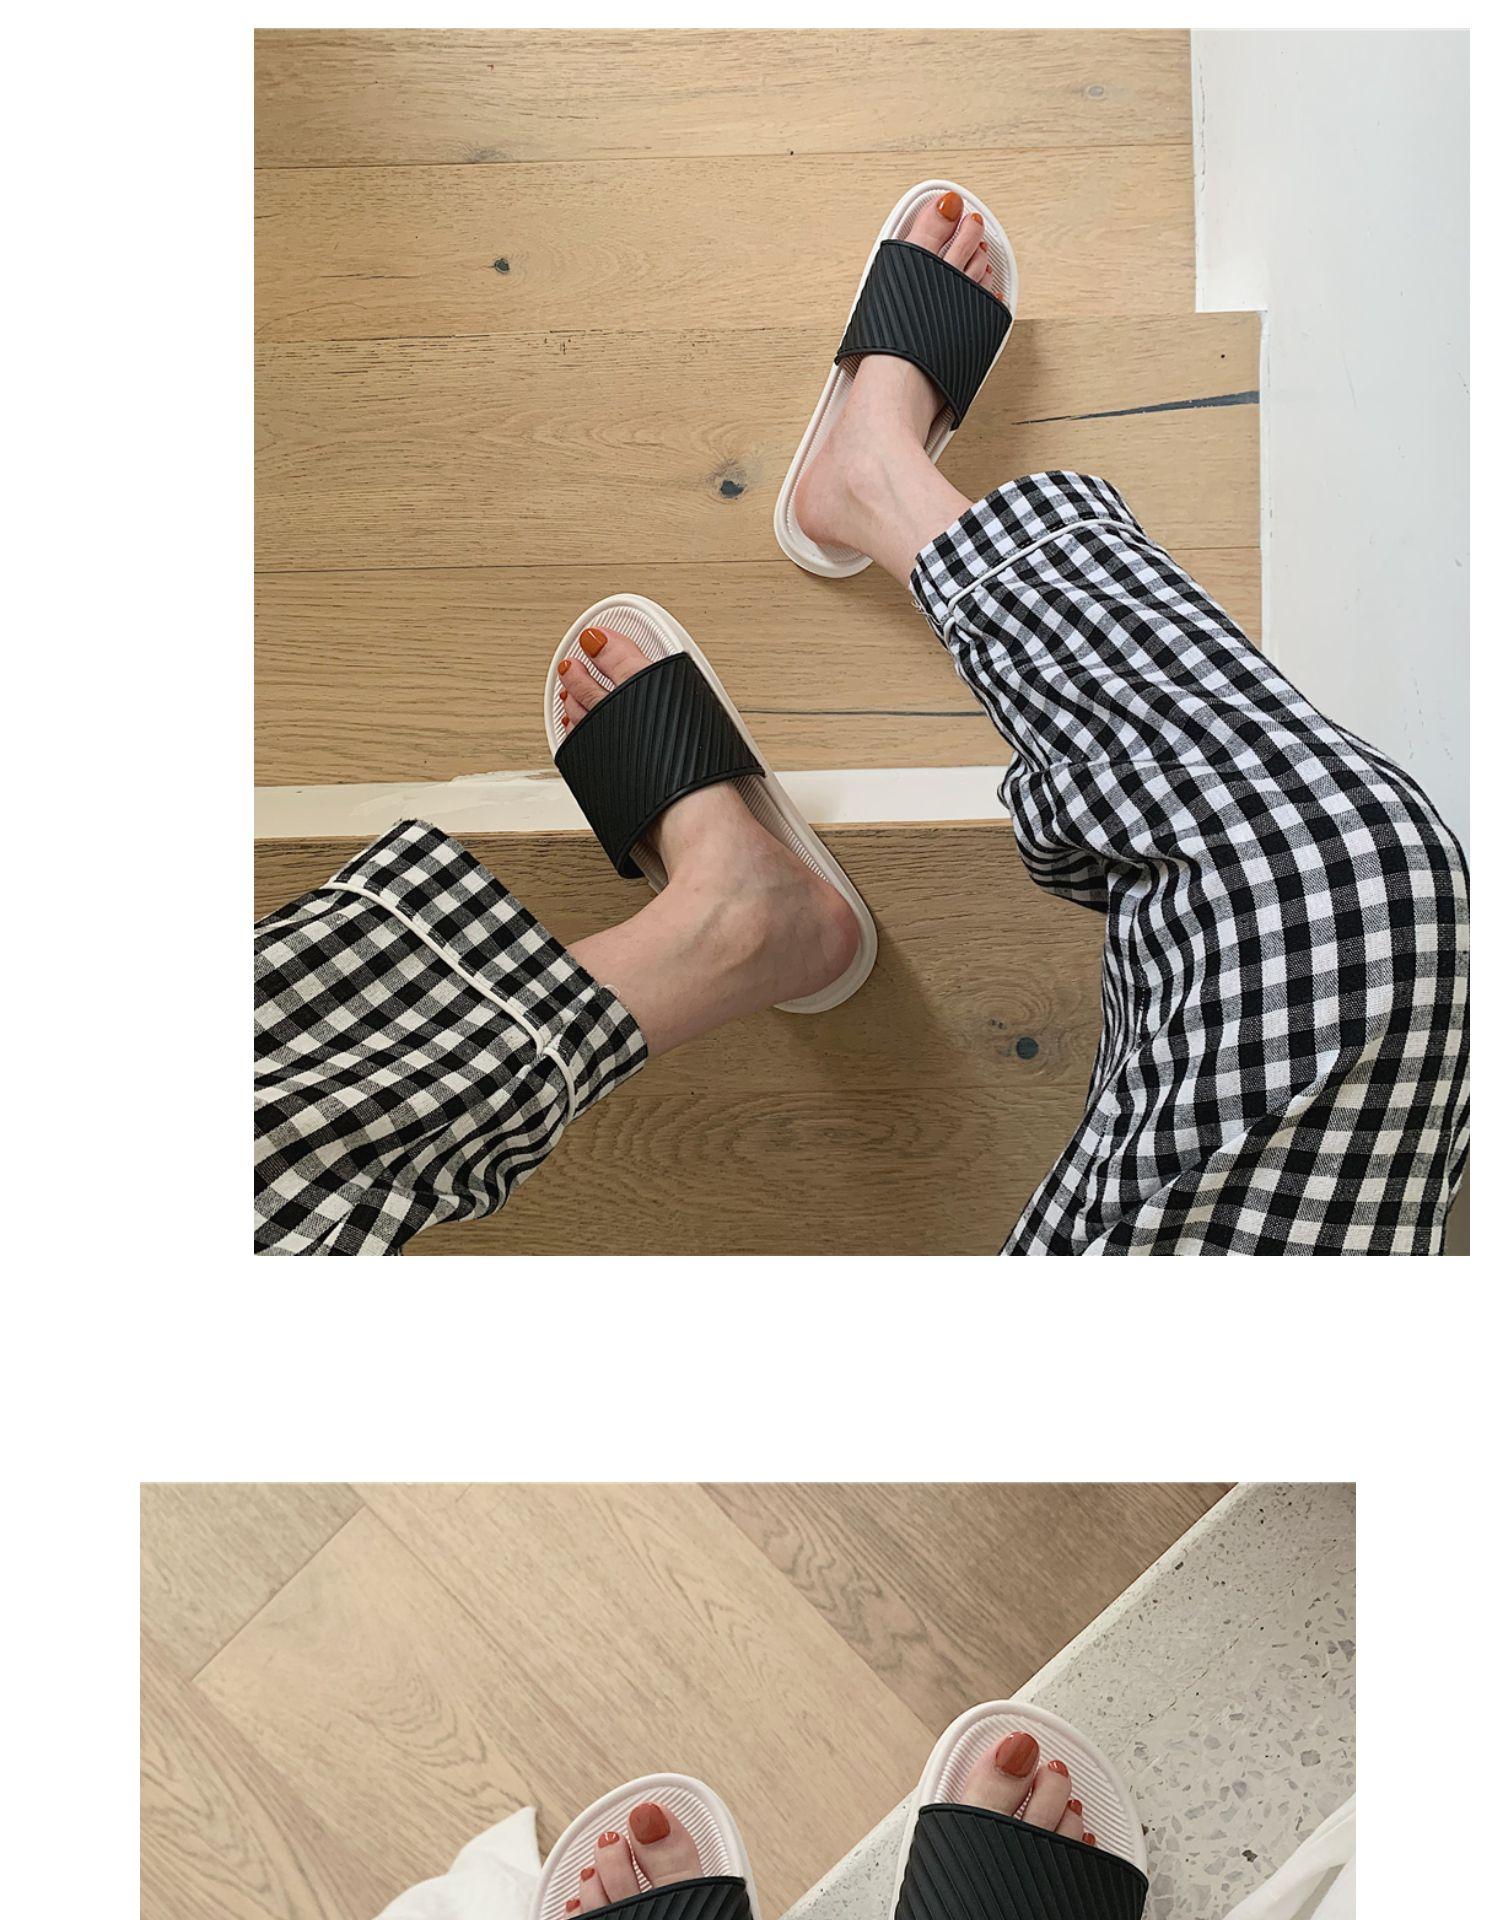 新款拖鞋女夏日式简约情侣家用防滑洗澡平底潮室内凉拖男详细照片